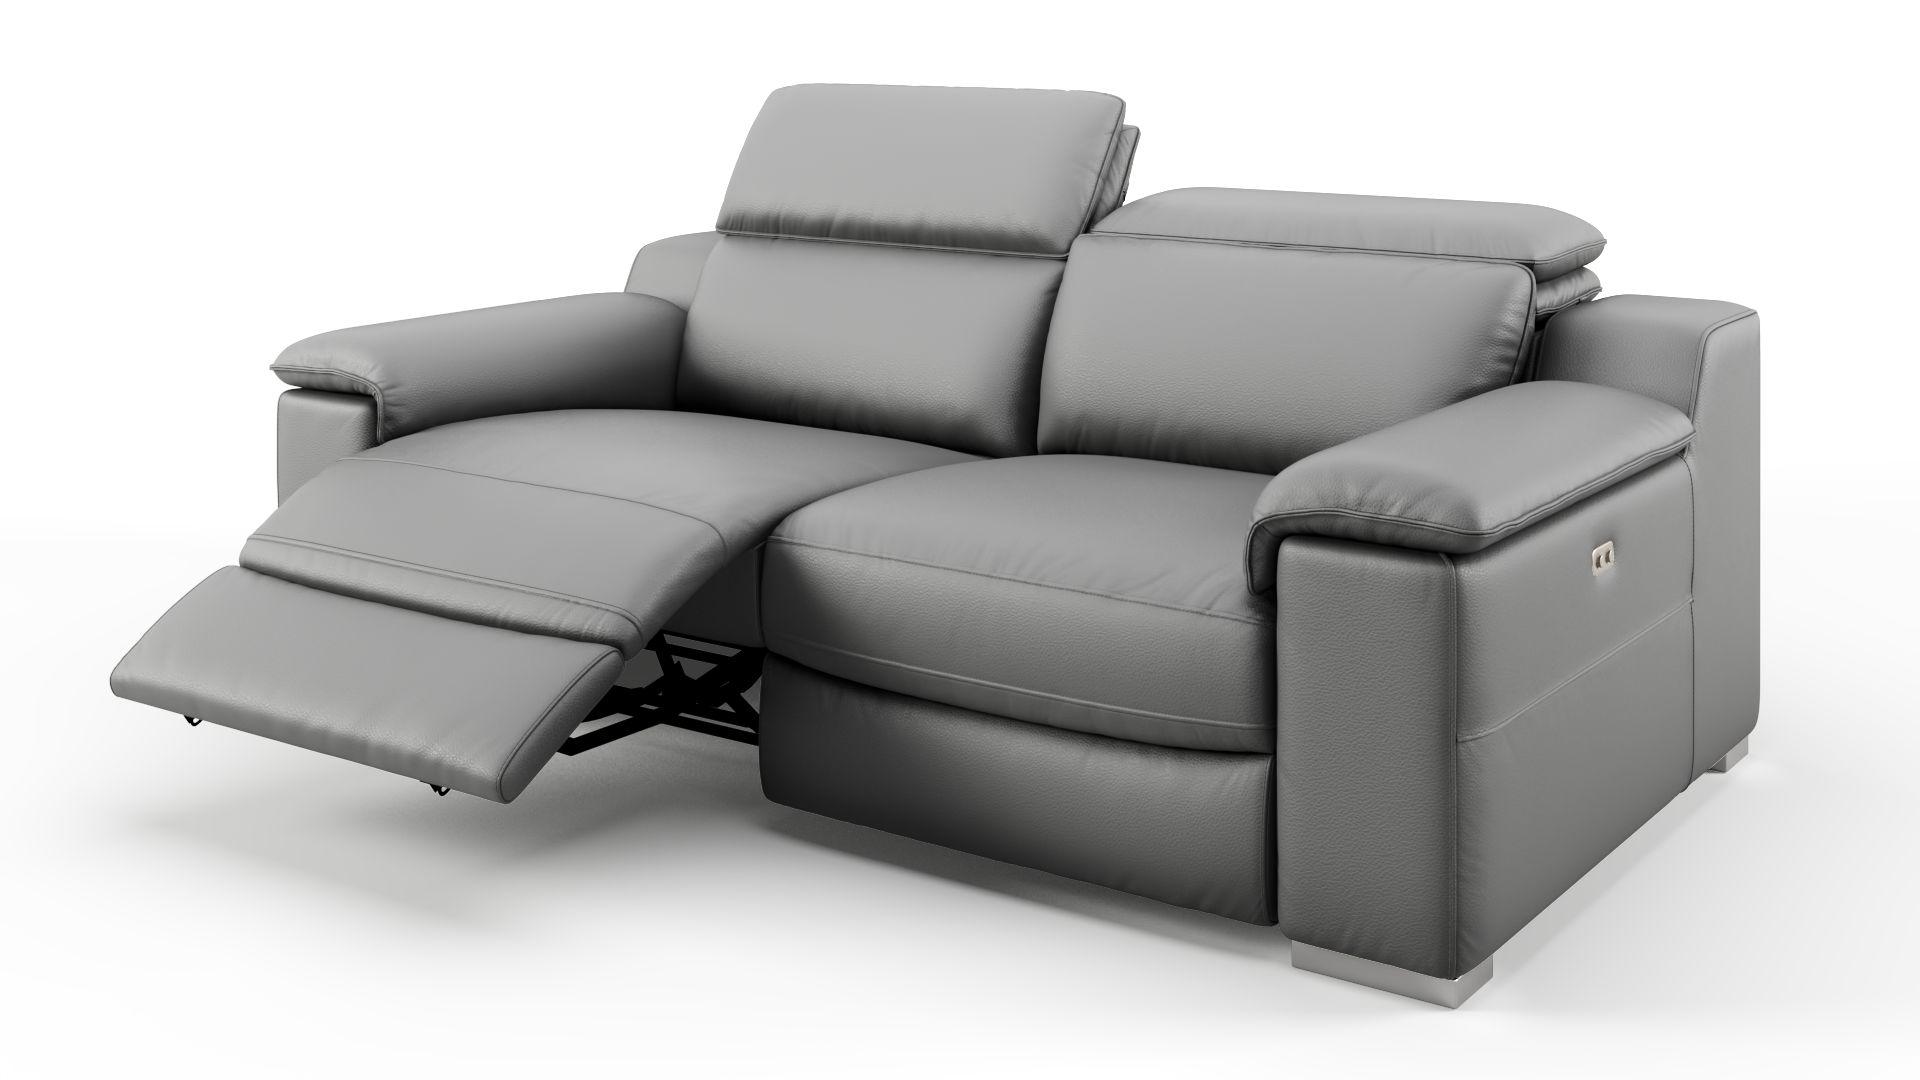 Full Size of Sofa Elektrisch Elektrischer Sitzvorzug Stoff Geladen Ausfahrbar Leder Mit Sitztiefenverstellung Aufgeladen Was Tun Verstellbar Ikea Statisch Durch Elektrische Sofa Sofa Elektrisch